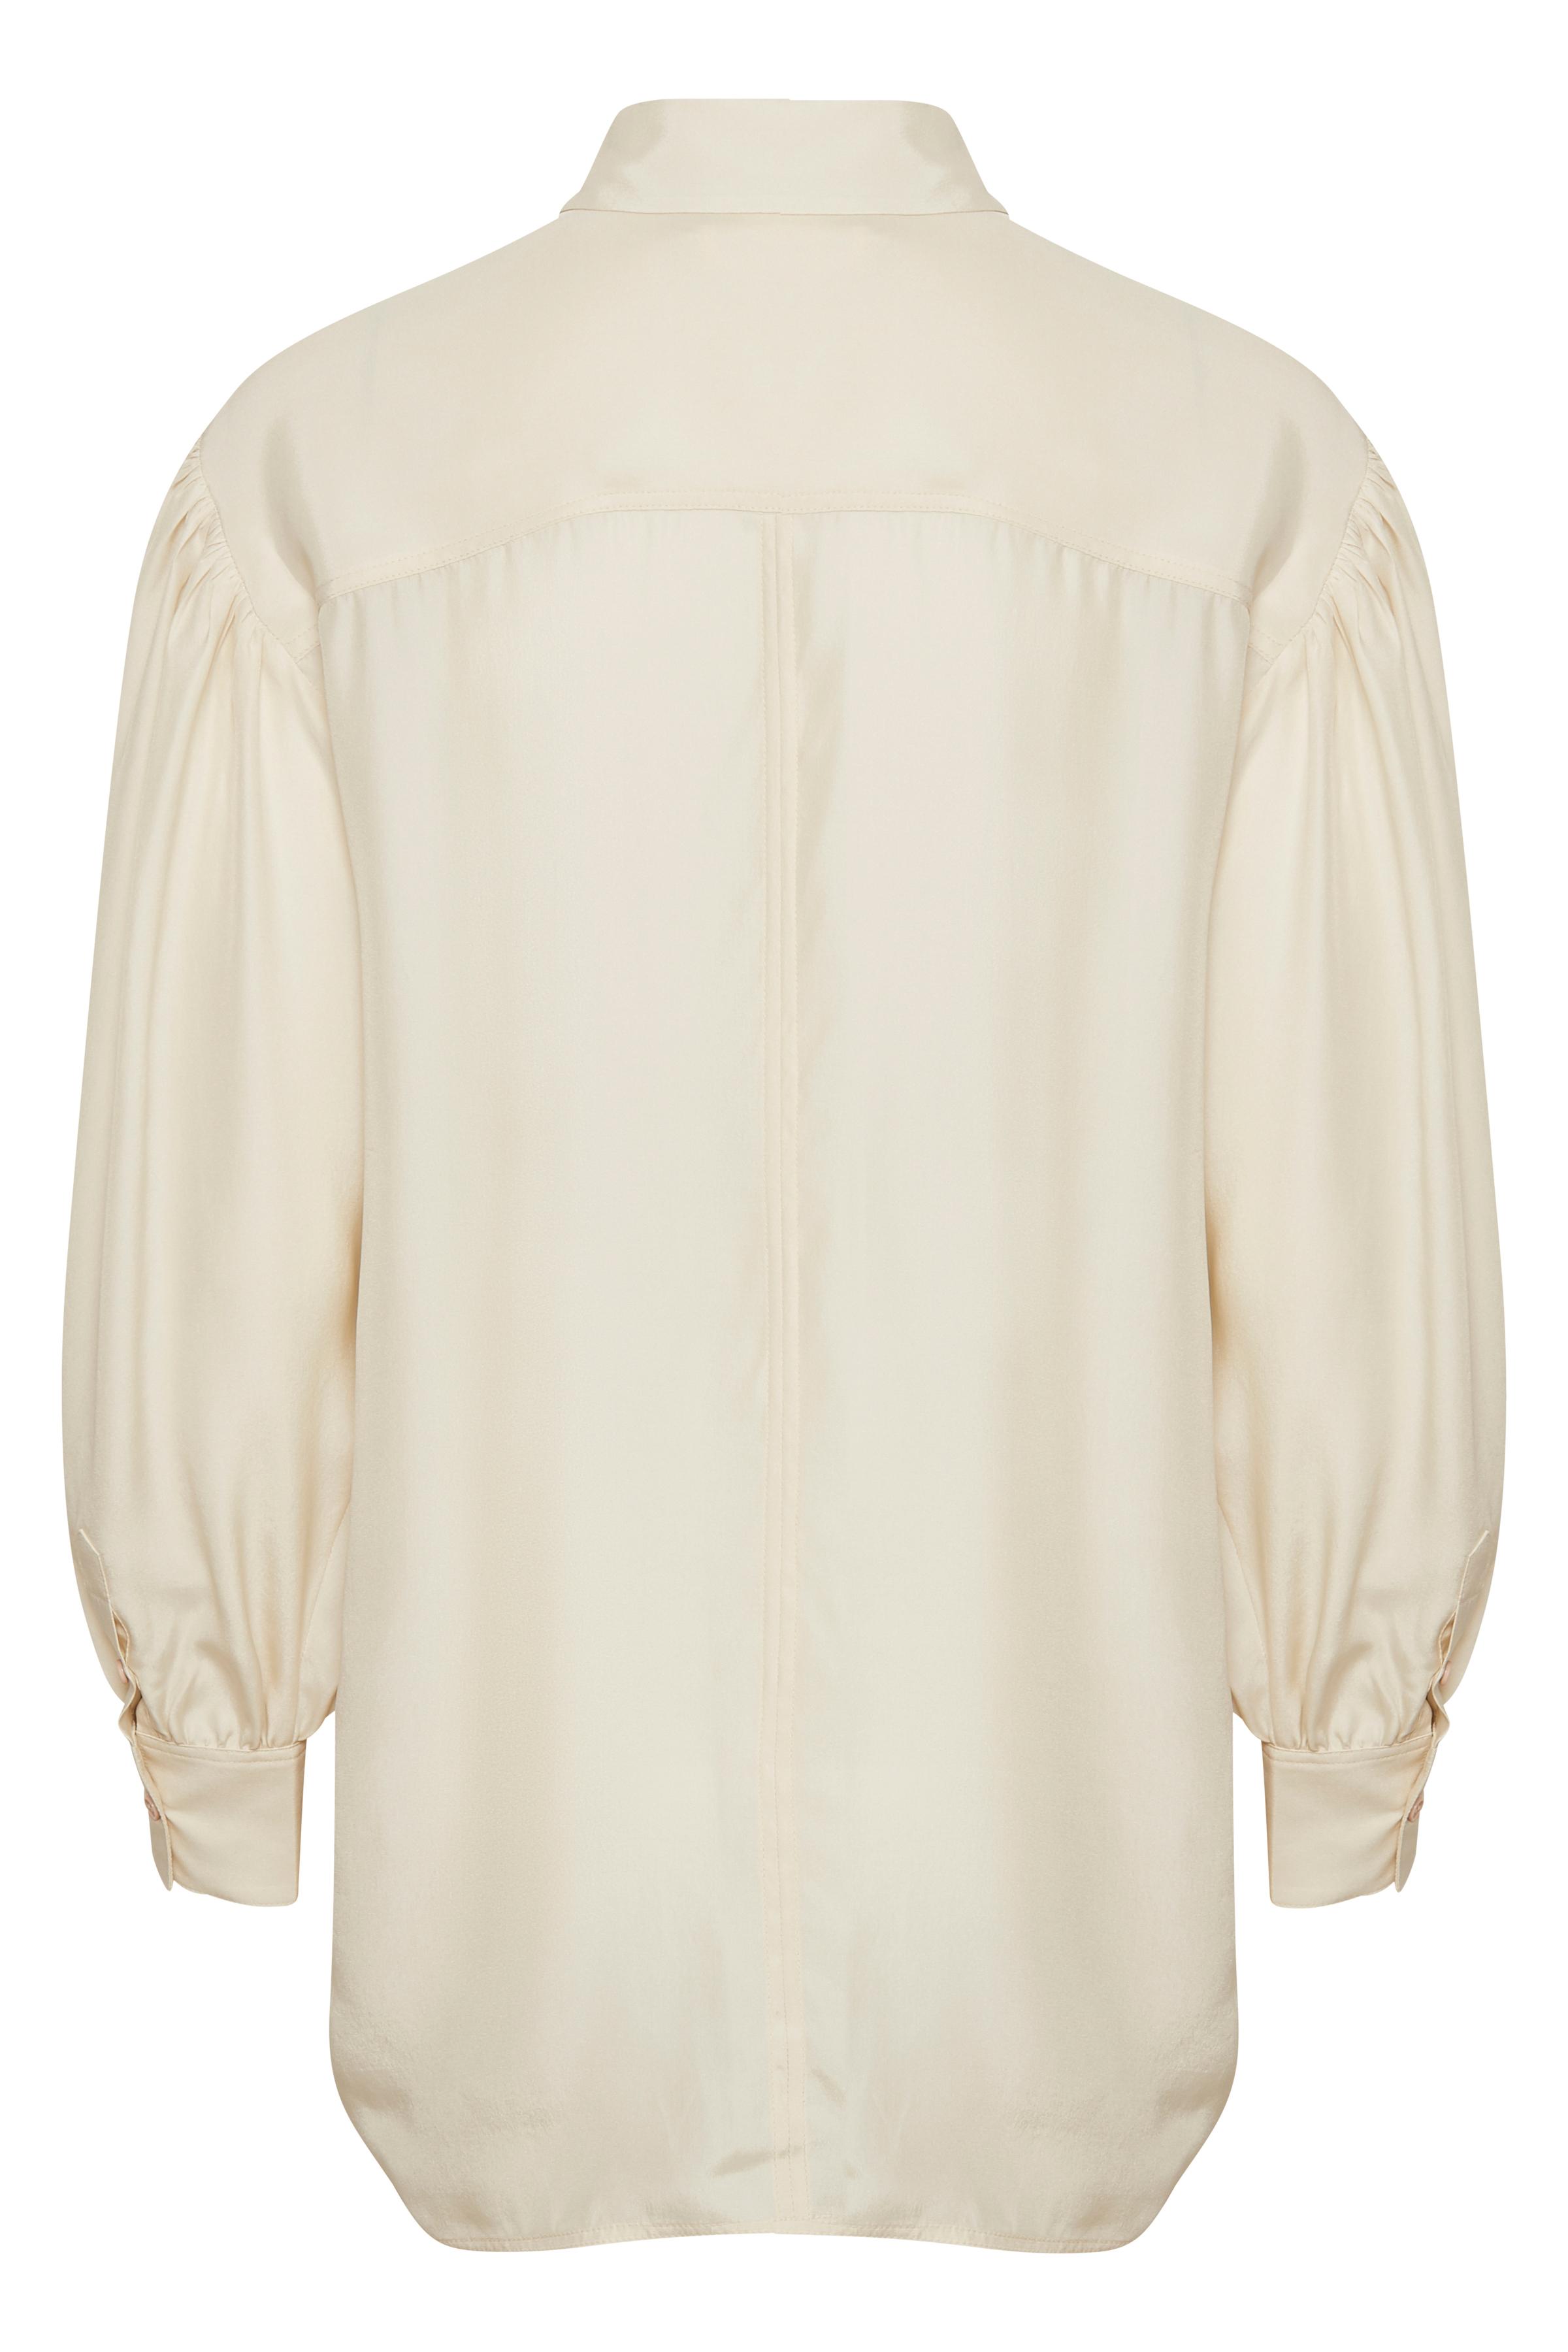 French Nougat IW50 04 Hutton Skjorte   – Køb French Nougat IW50 04 Hutton Skjorte   fra str. 34-42 her